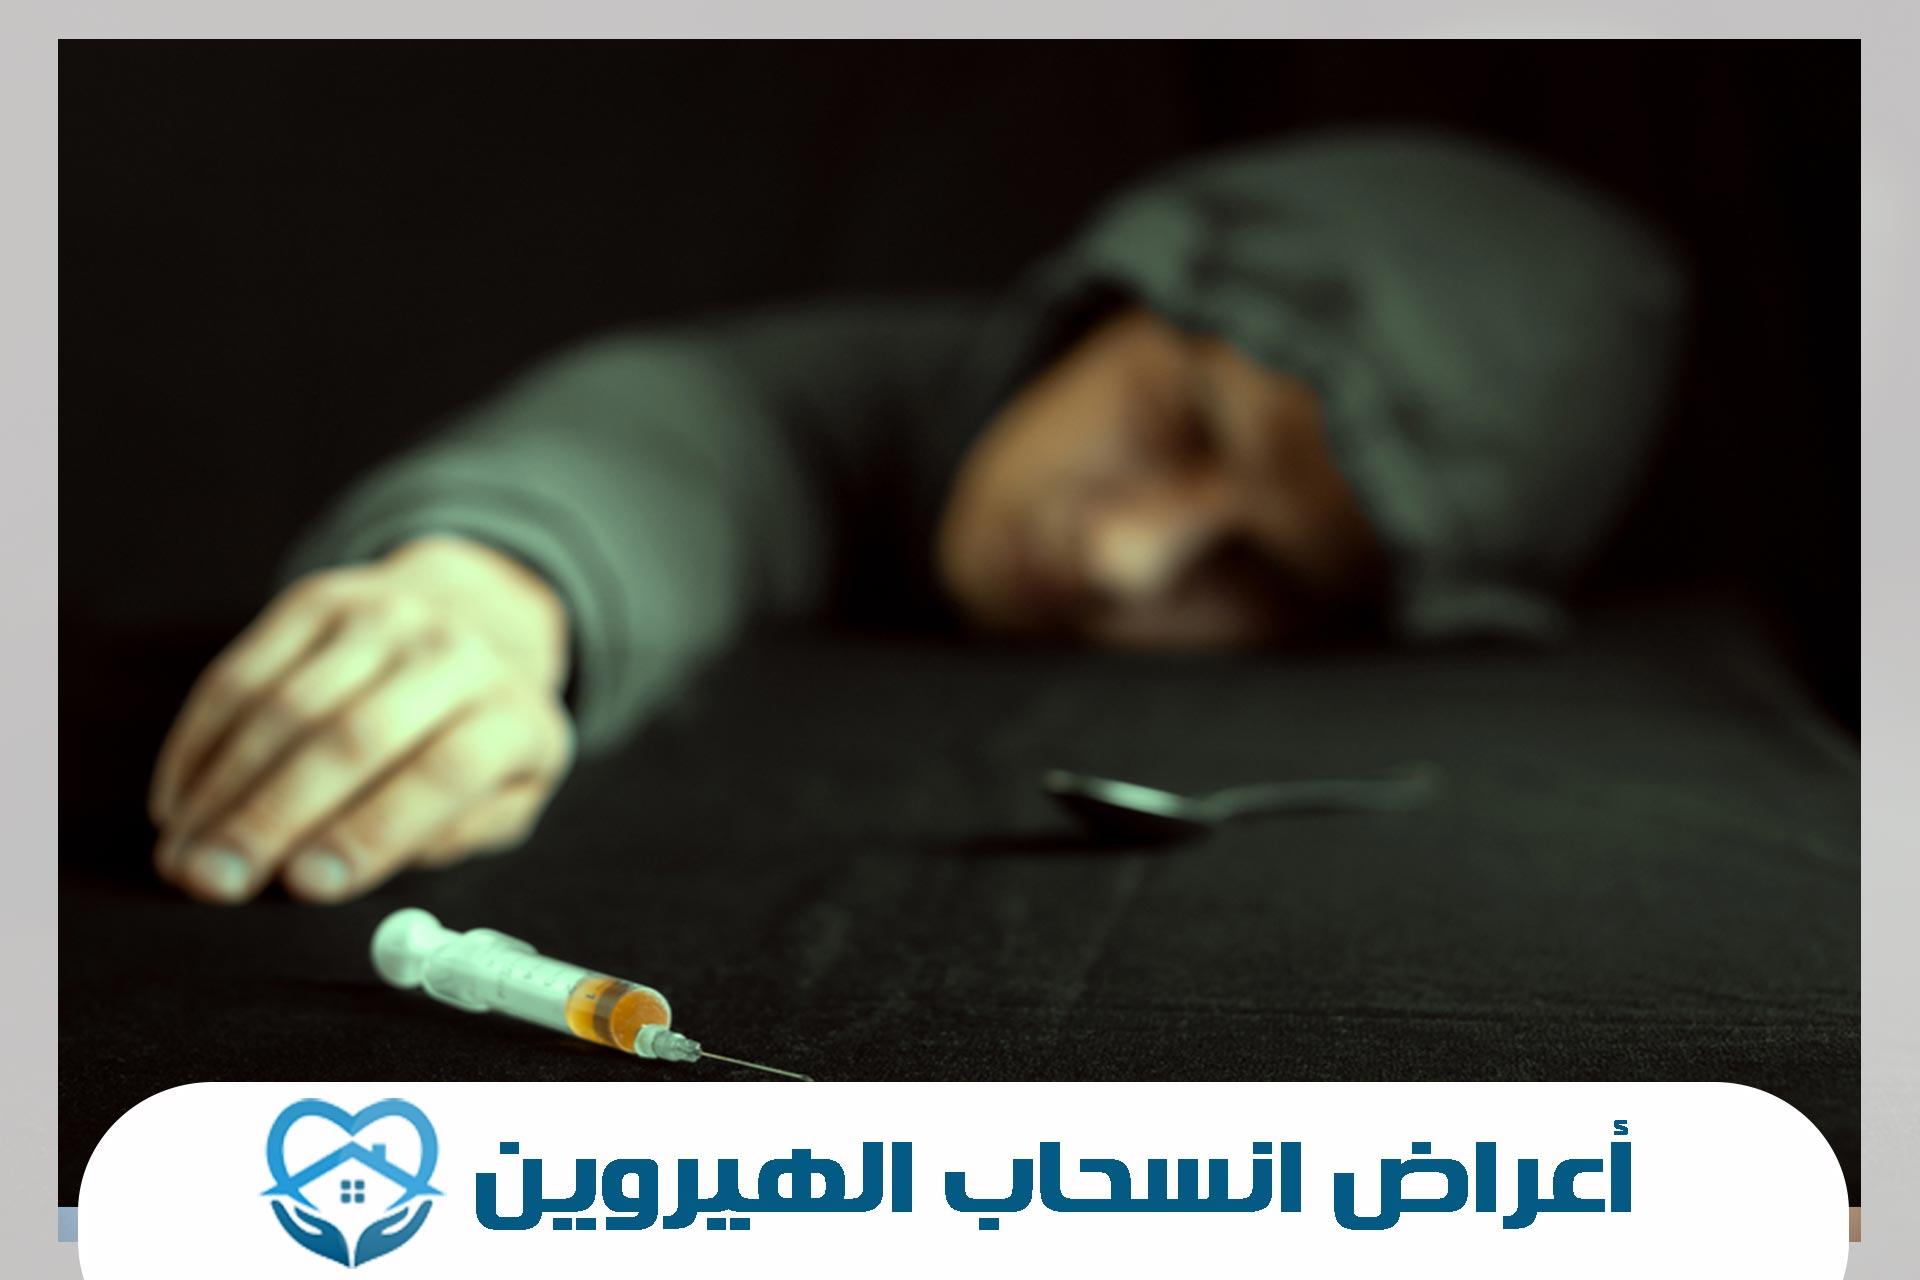 أعراض-انسحاب-الهيروين